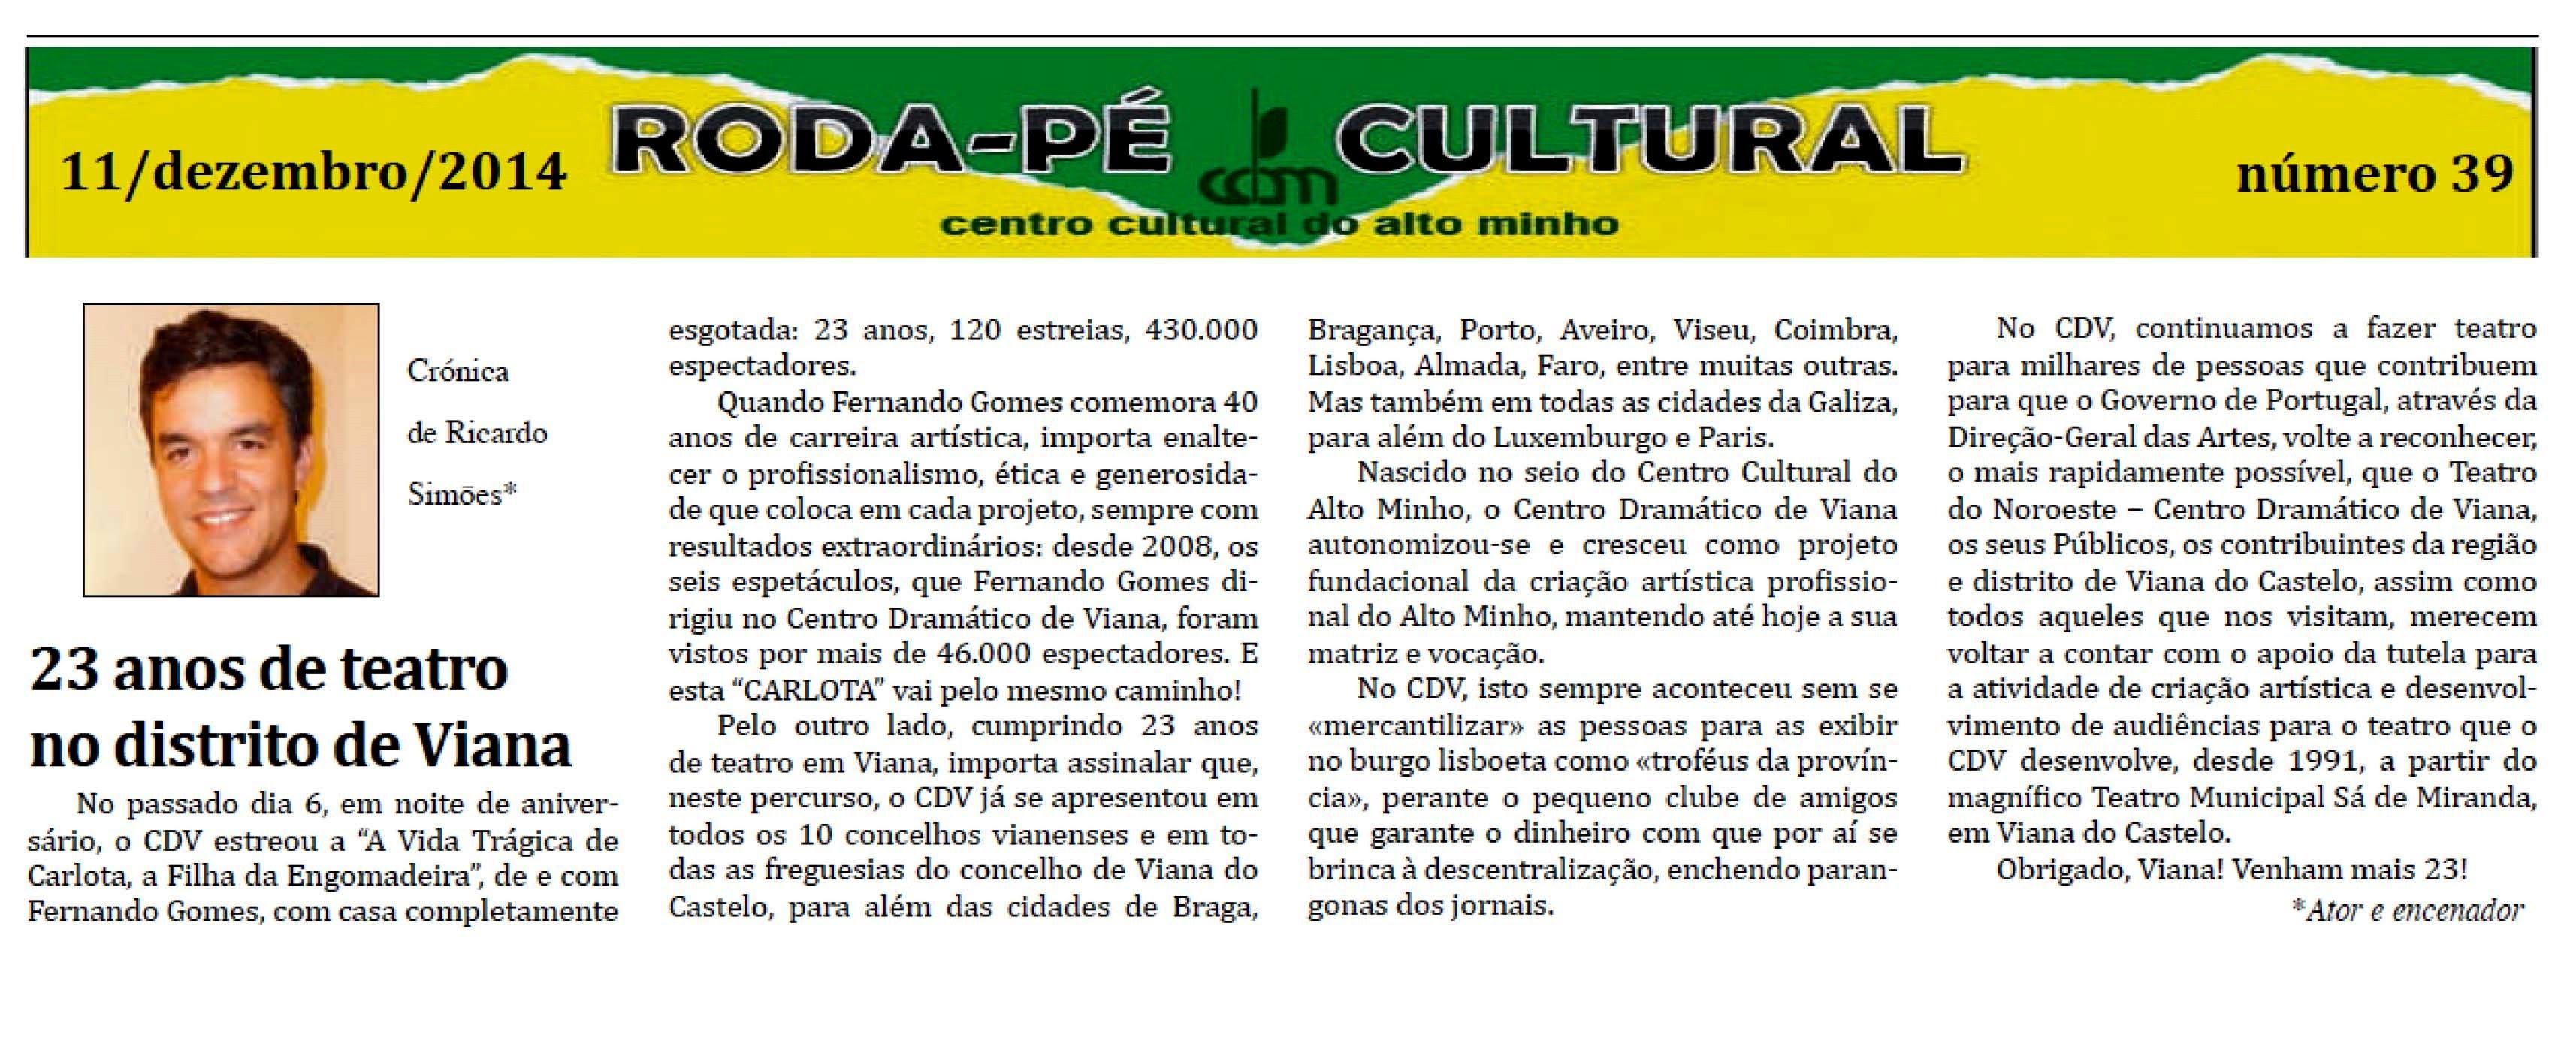 https://sites.google.com/a/centroculturaldoaltominho.org/ccam/actividades-realizadas/2014/Rp_39.jpg